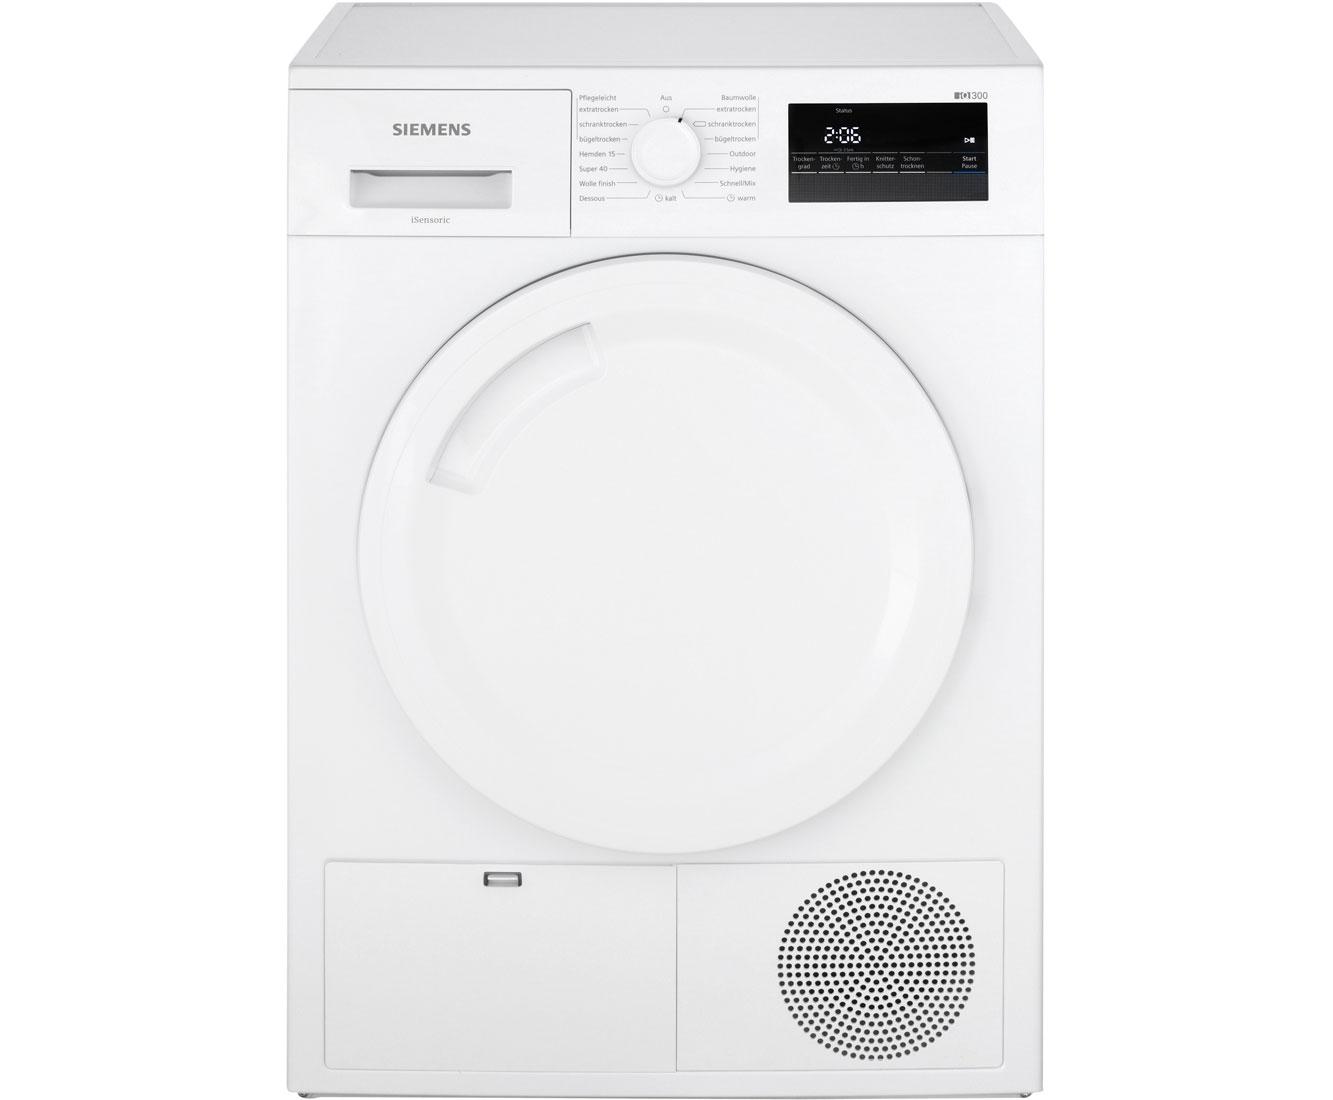 Siemens iq300 wt43n201 kondenstrockner 7 kg weiß